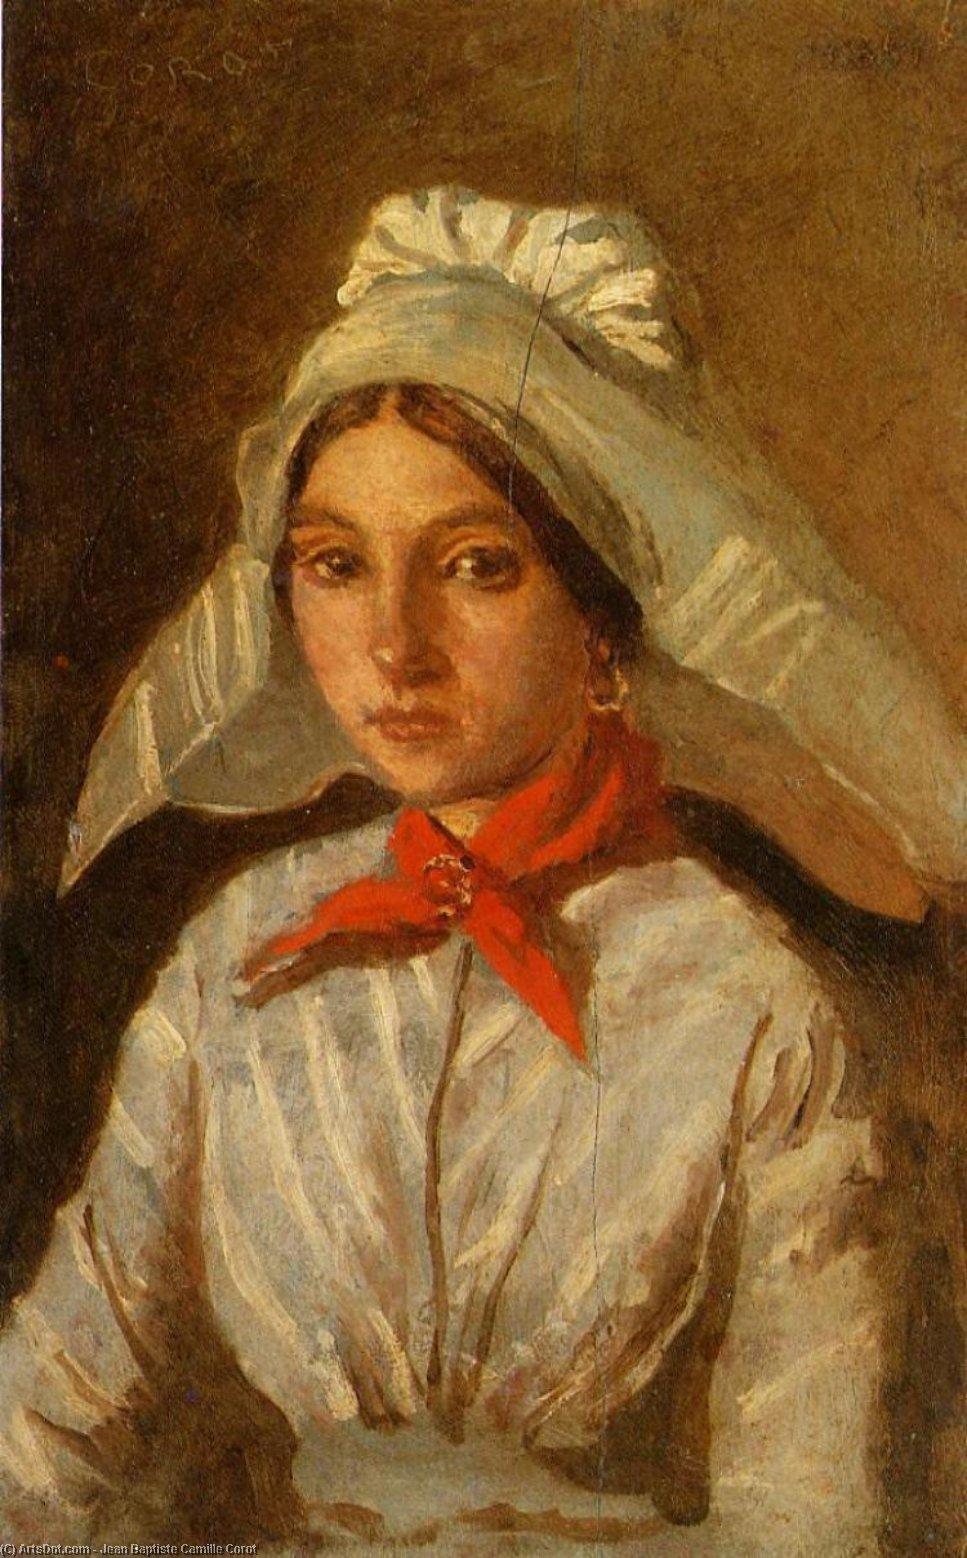 WikiOO.org - Энциклопедия изобразительного искусства - Живопись, Картины  Jean Baptiste Camille Corot - молодая девушка с большой Крышка на ней Голова